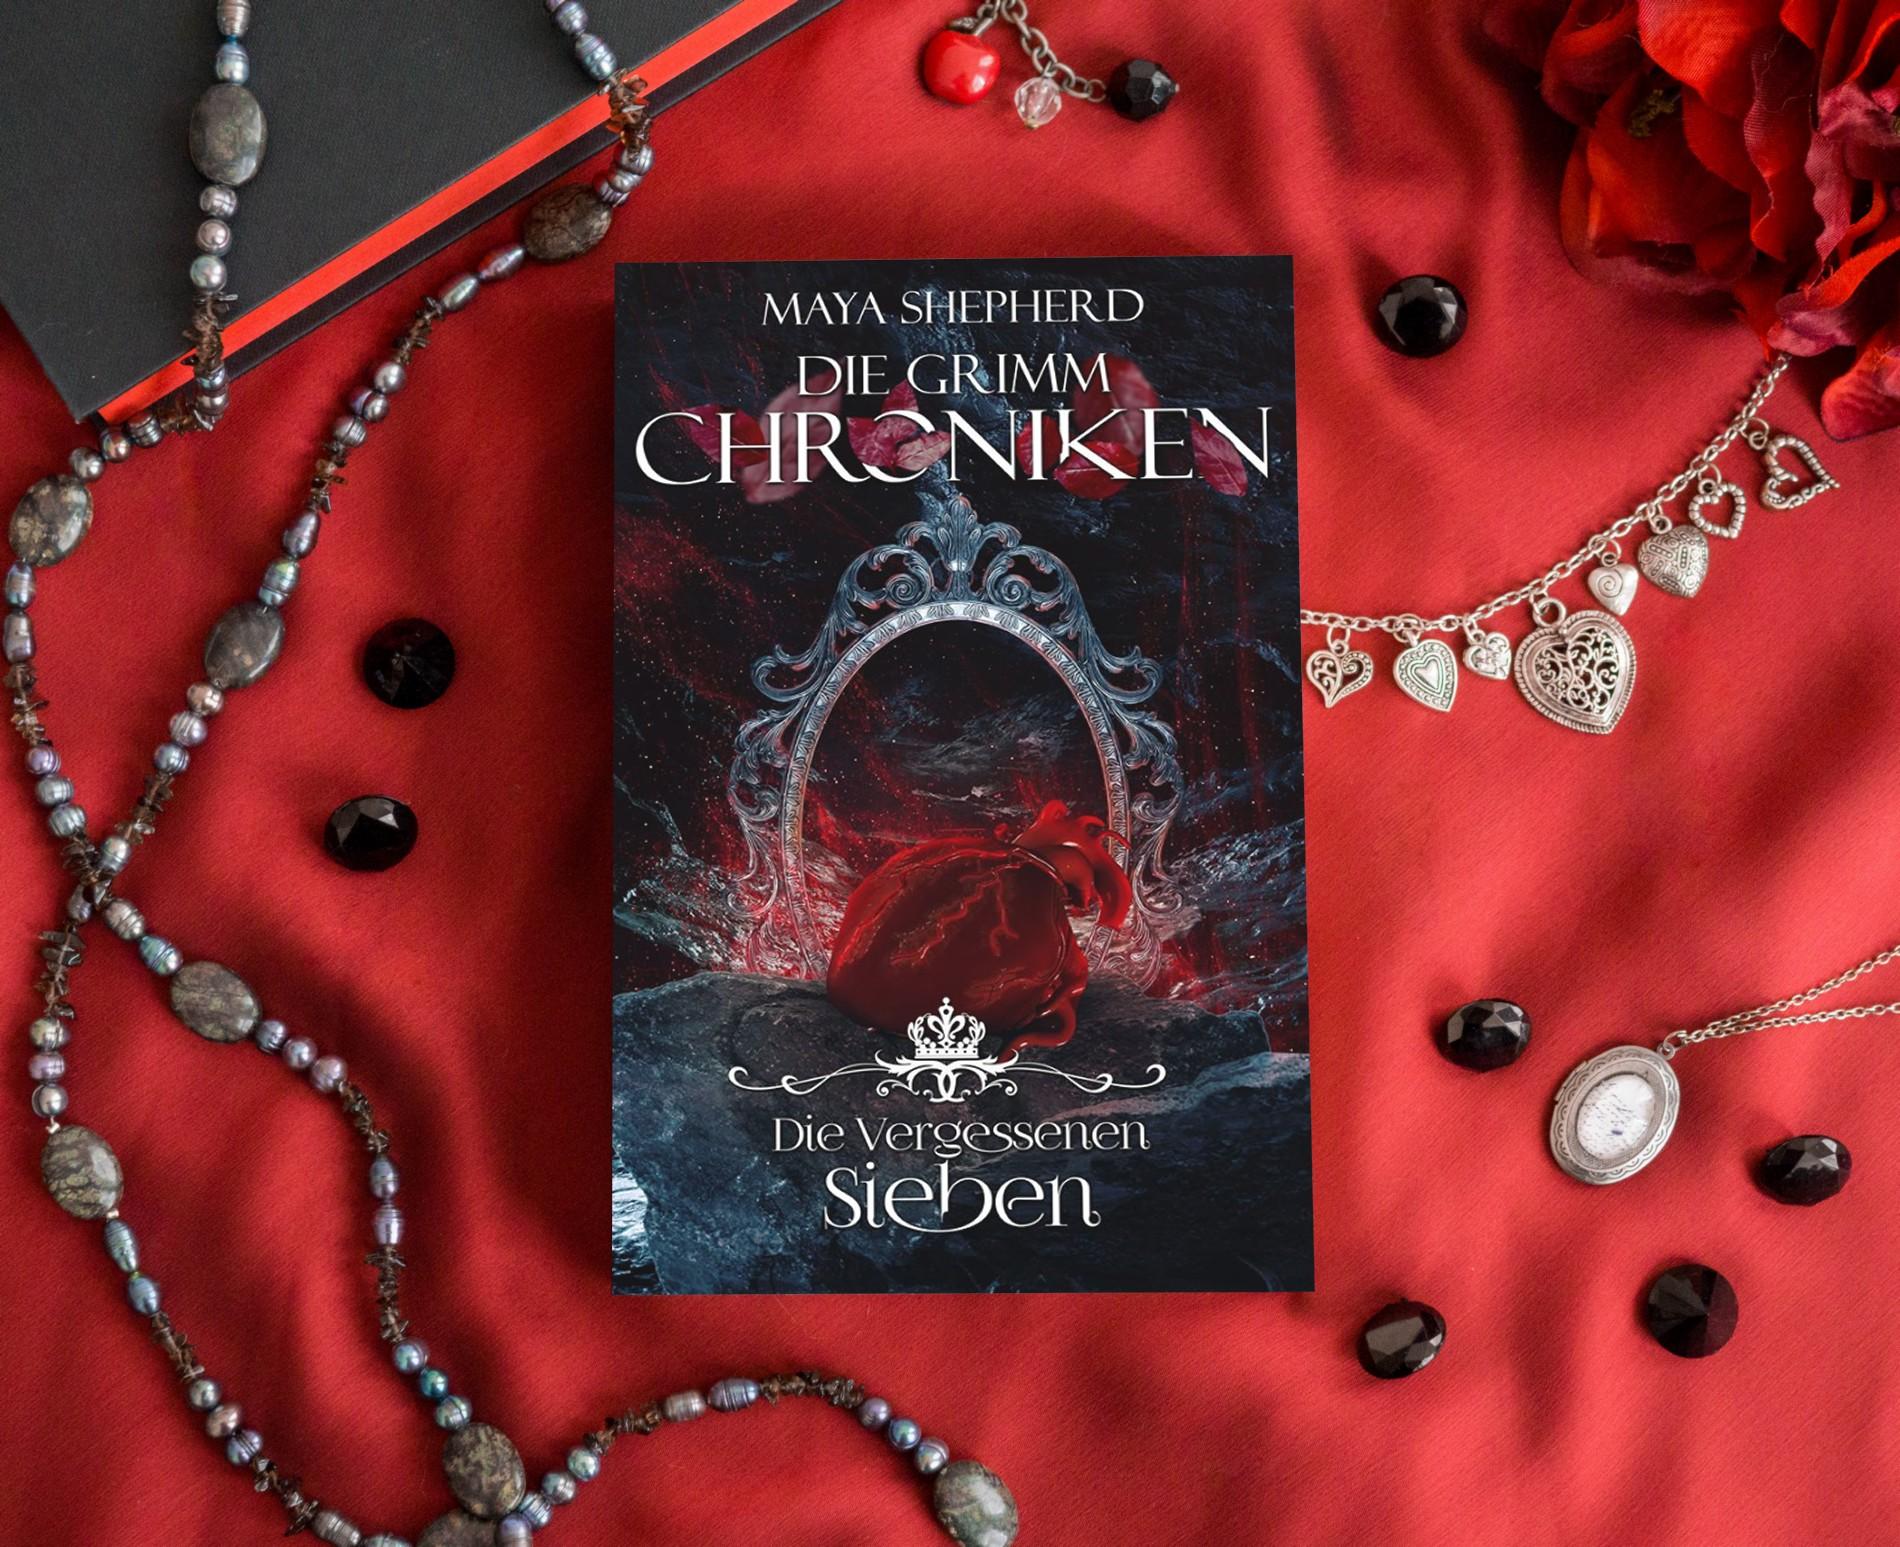 Die Grimm-Chroniken: Die Vergessenen Sieben – Maya Shepherd graphic